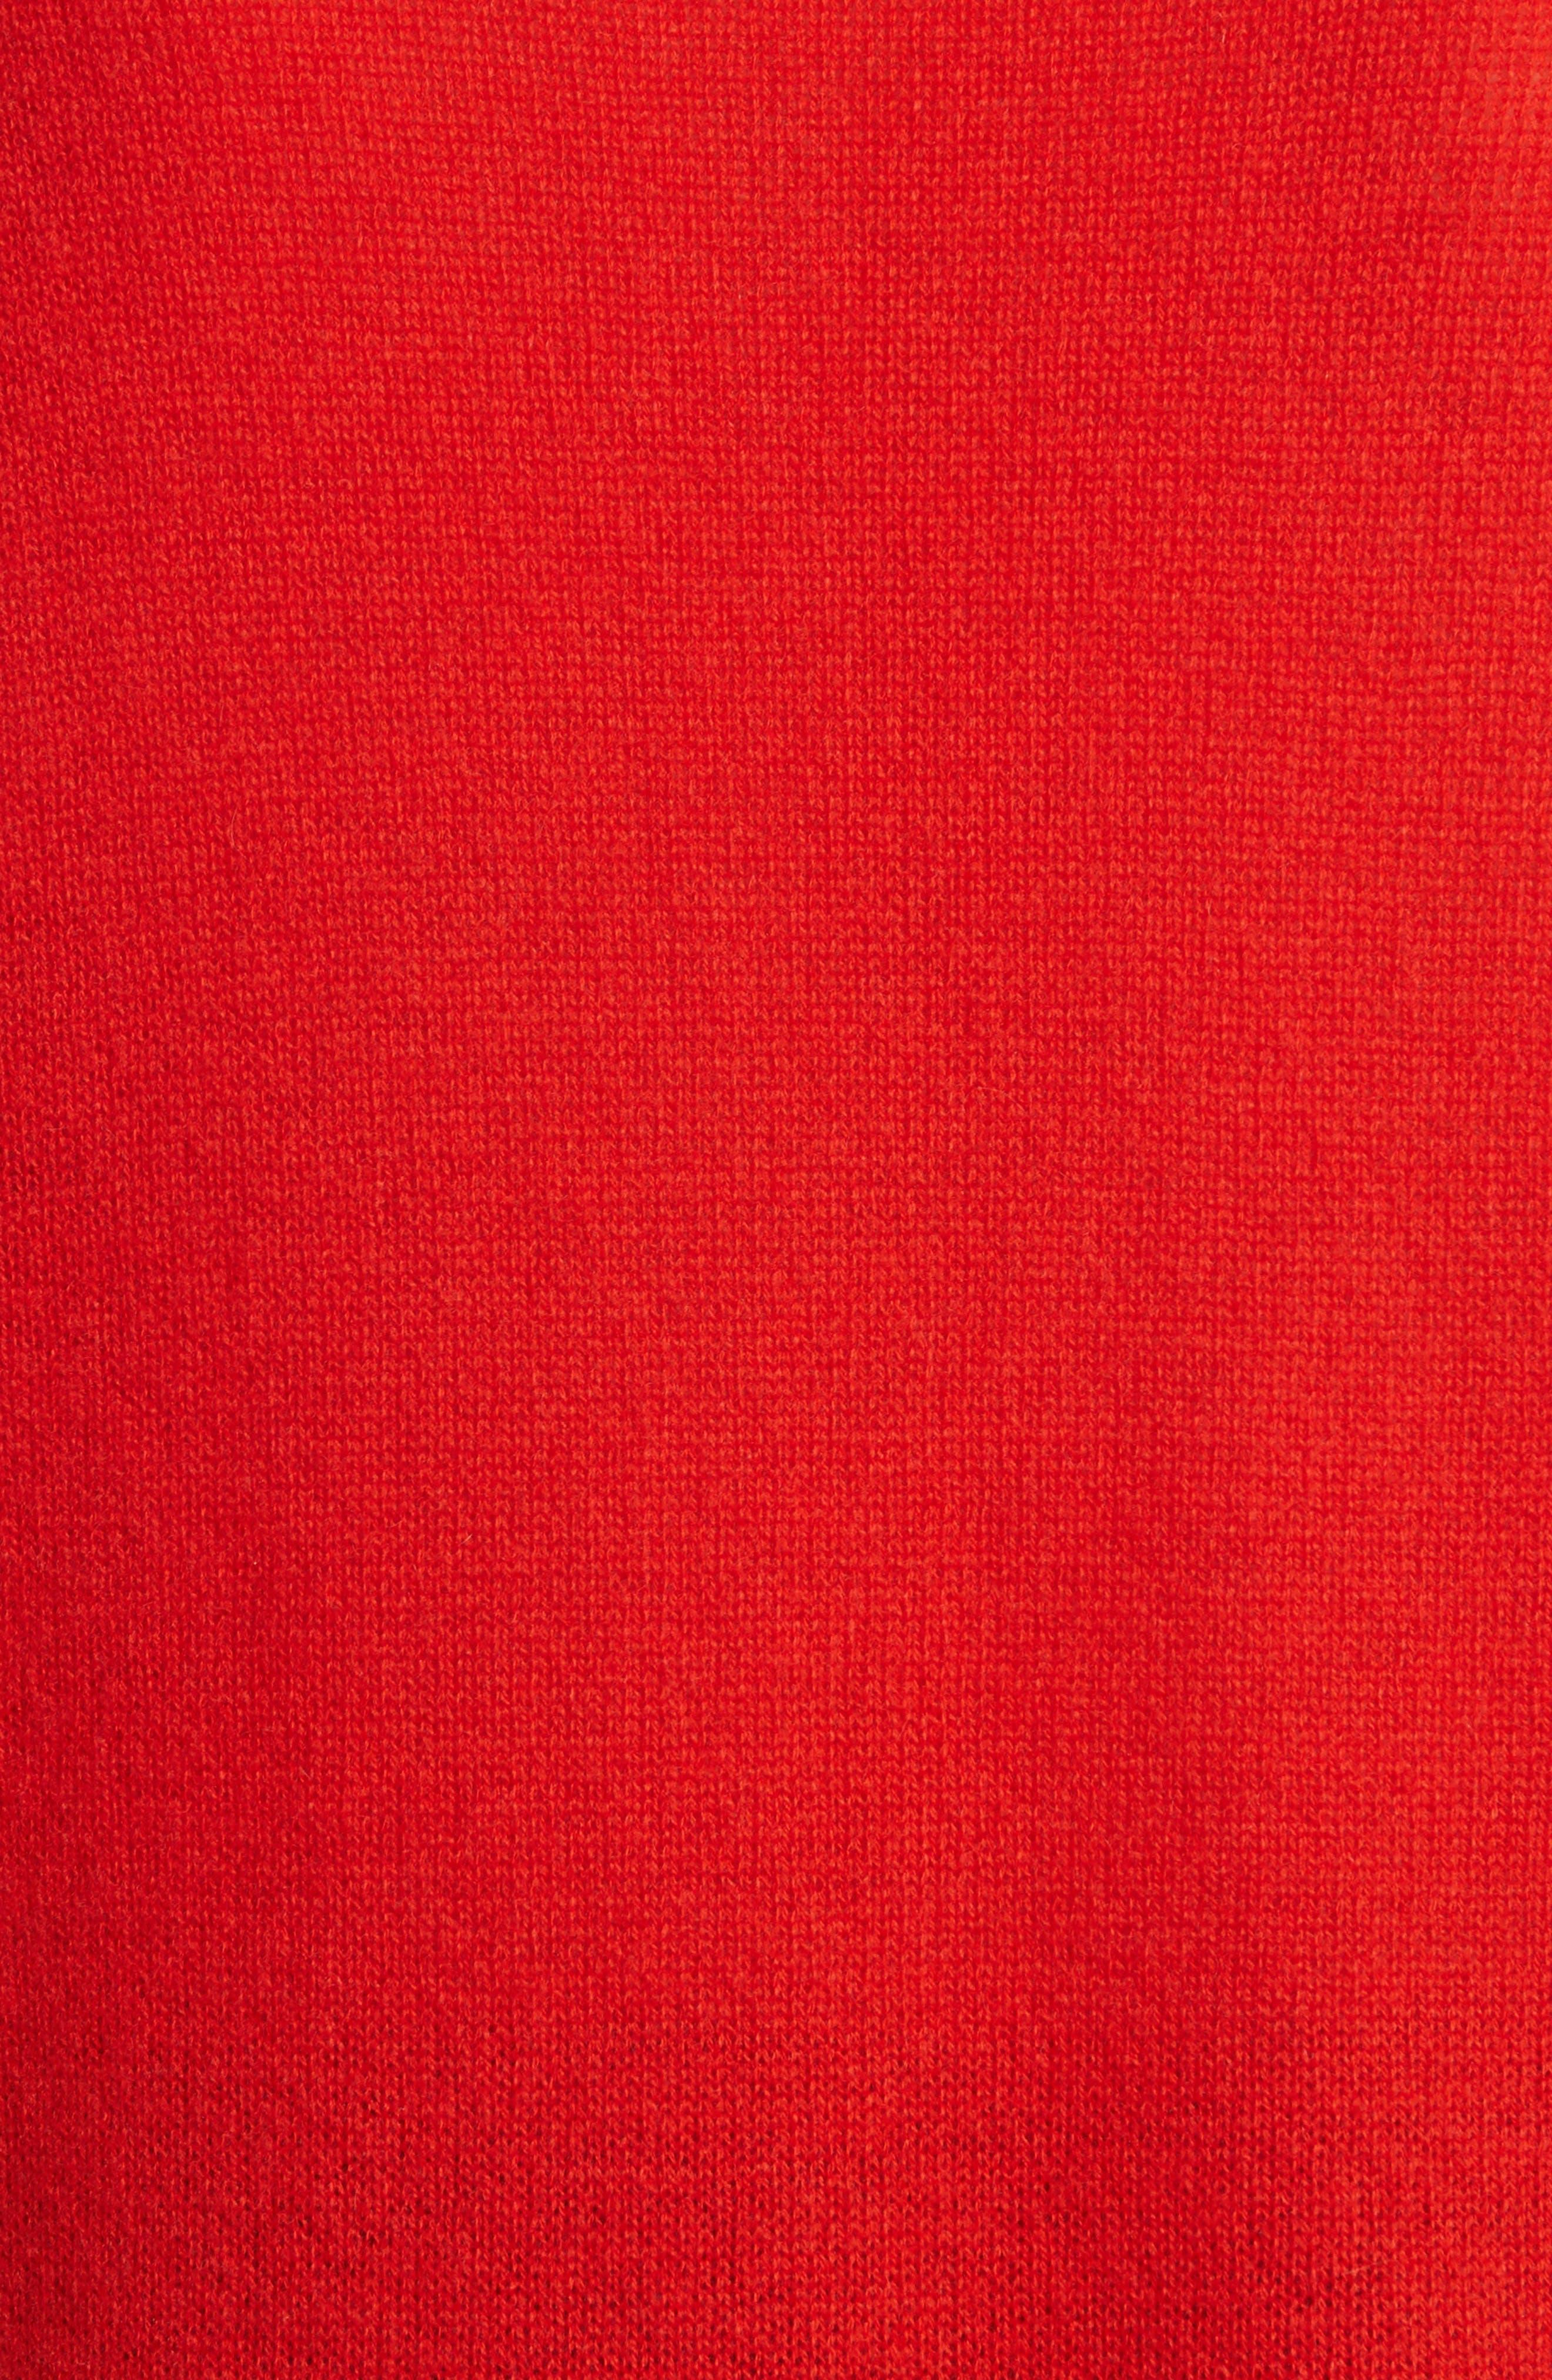 Karenia L Cashmere Sweater,                             Alternate thumbnail 20, color,